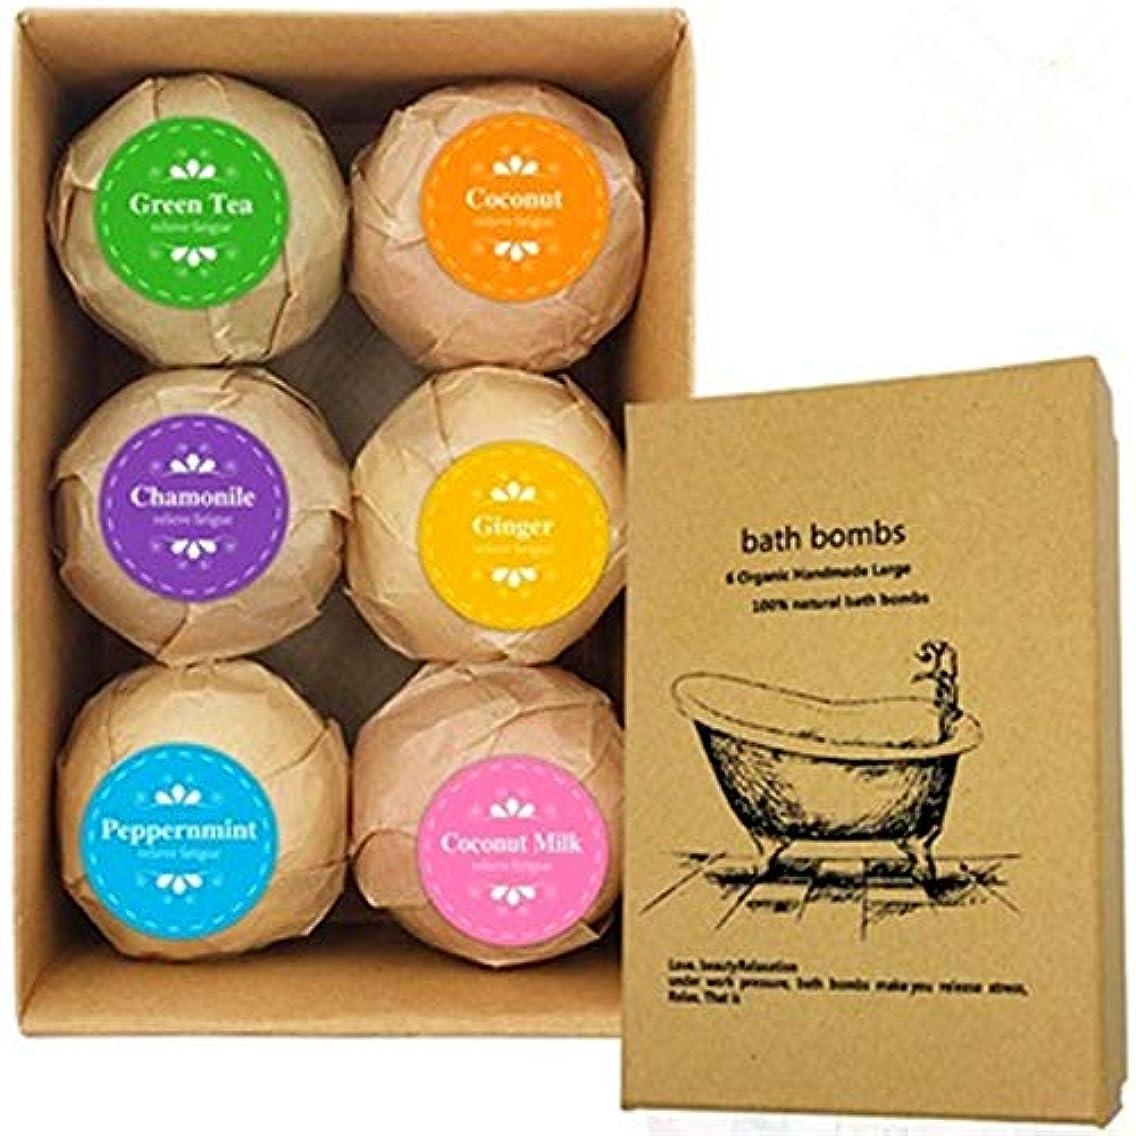 しなやかボランティアスリットバスボム 入浴剤 炭酸 バスボール 6つの香り 手作り 入浴料 うるおいプラス お風呂用 入浴剤 ギフトセット6枚 プレゼント最適